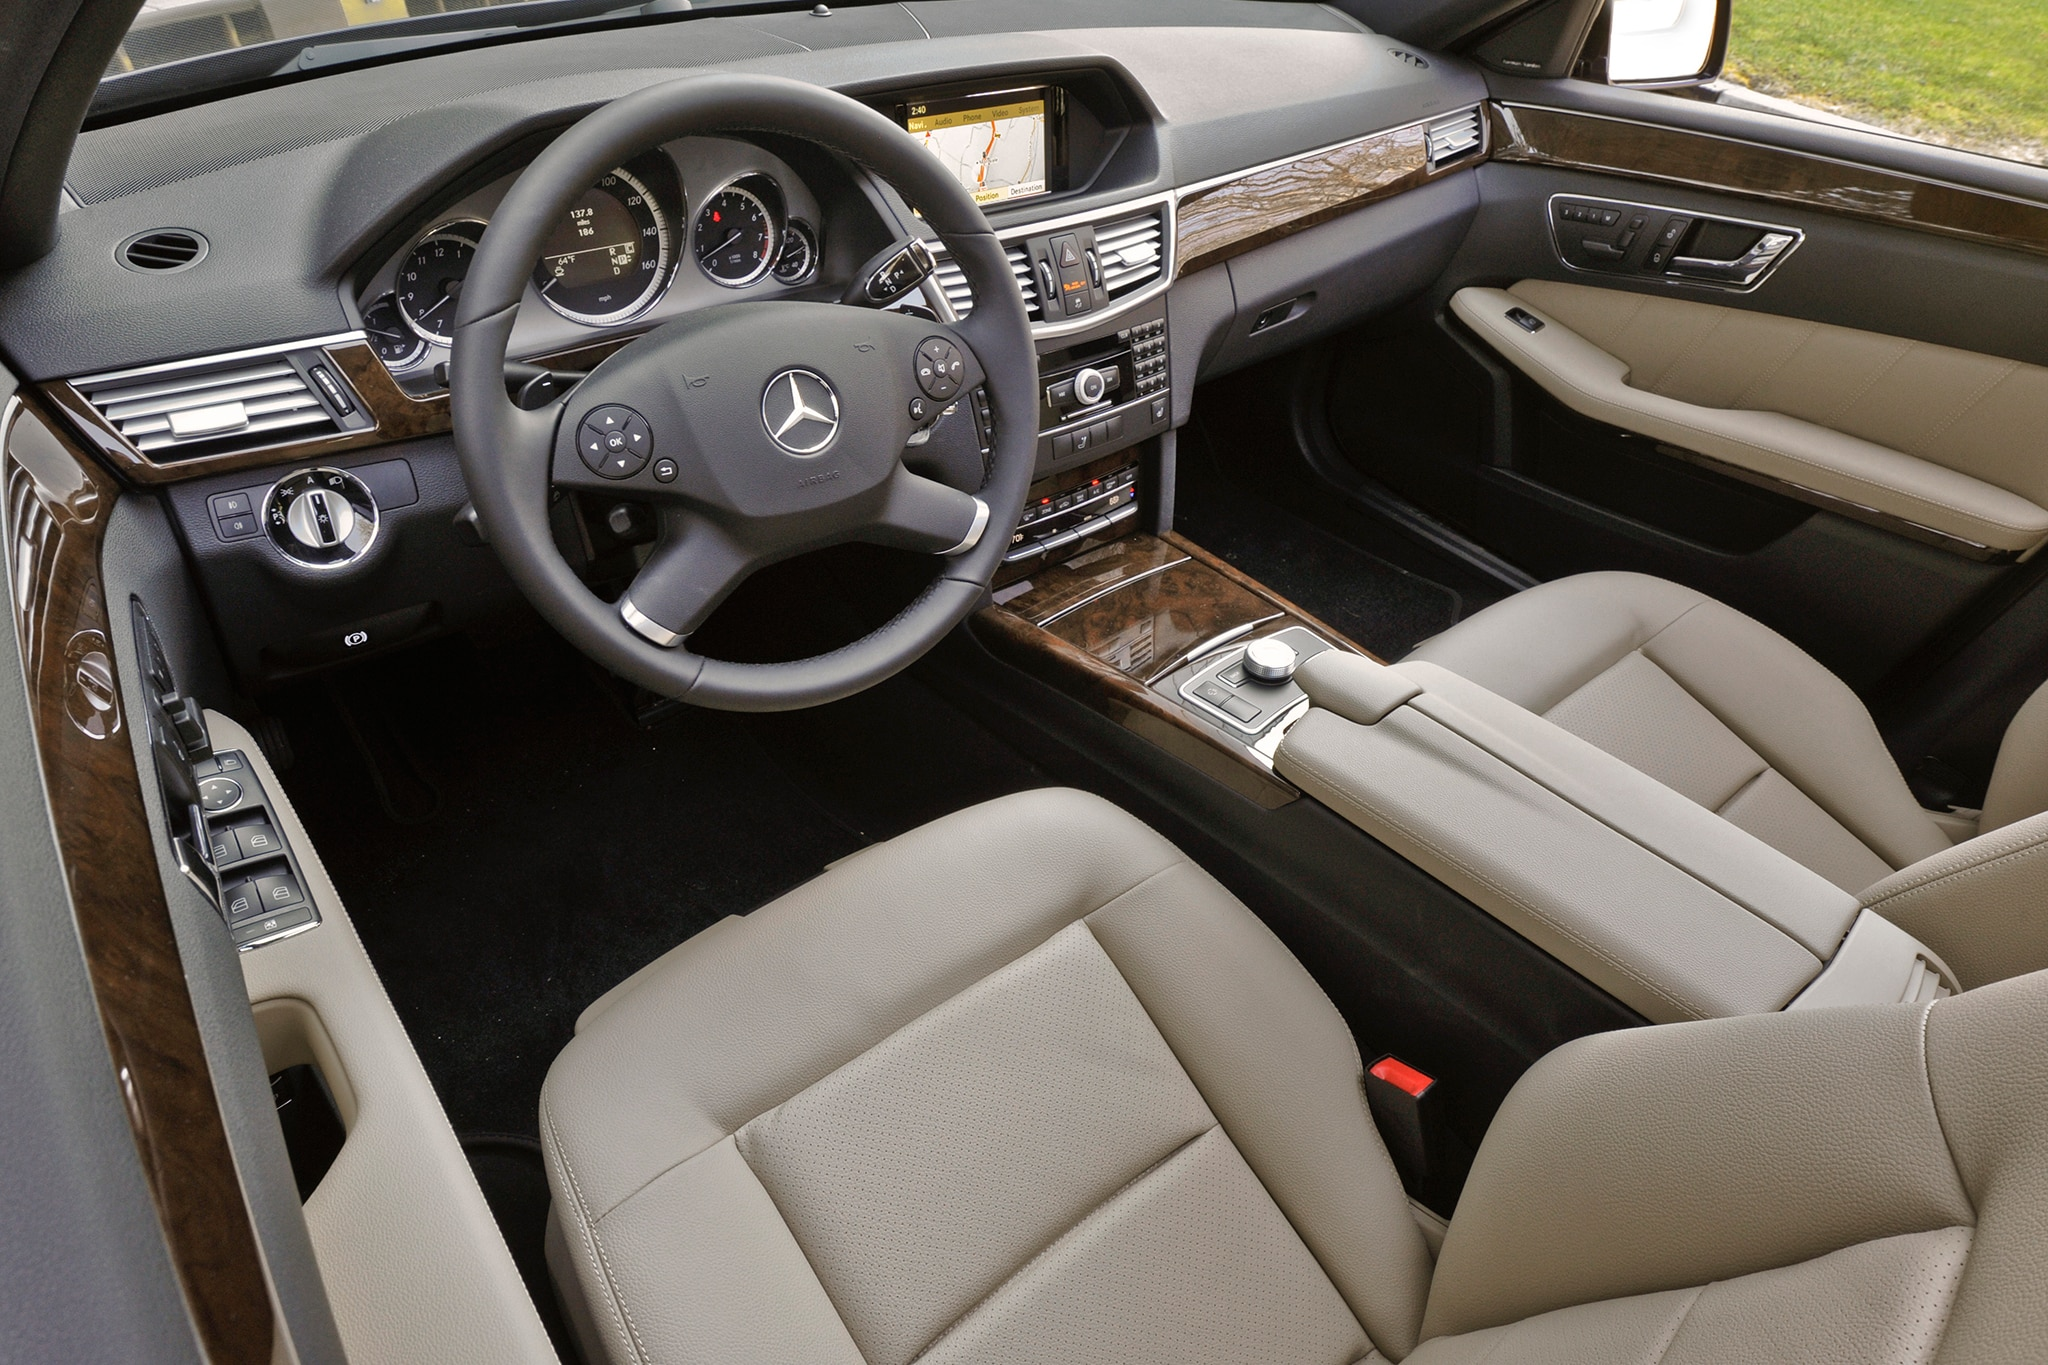 2013 Mercedes E-Class and C-Class Priced, E400 Hybrid ...